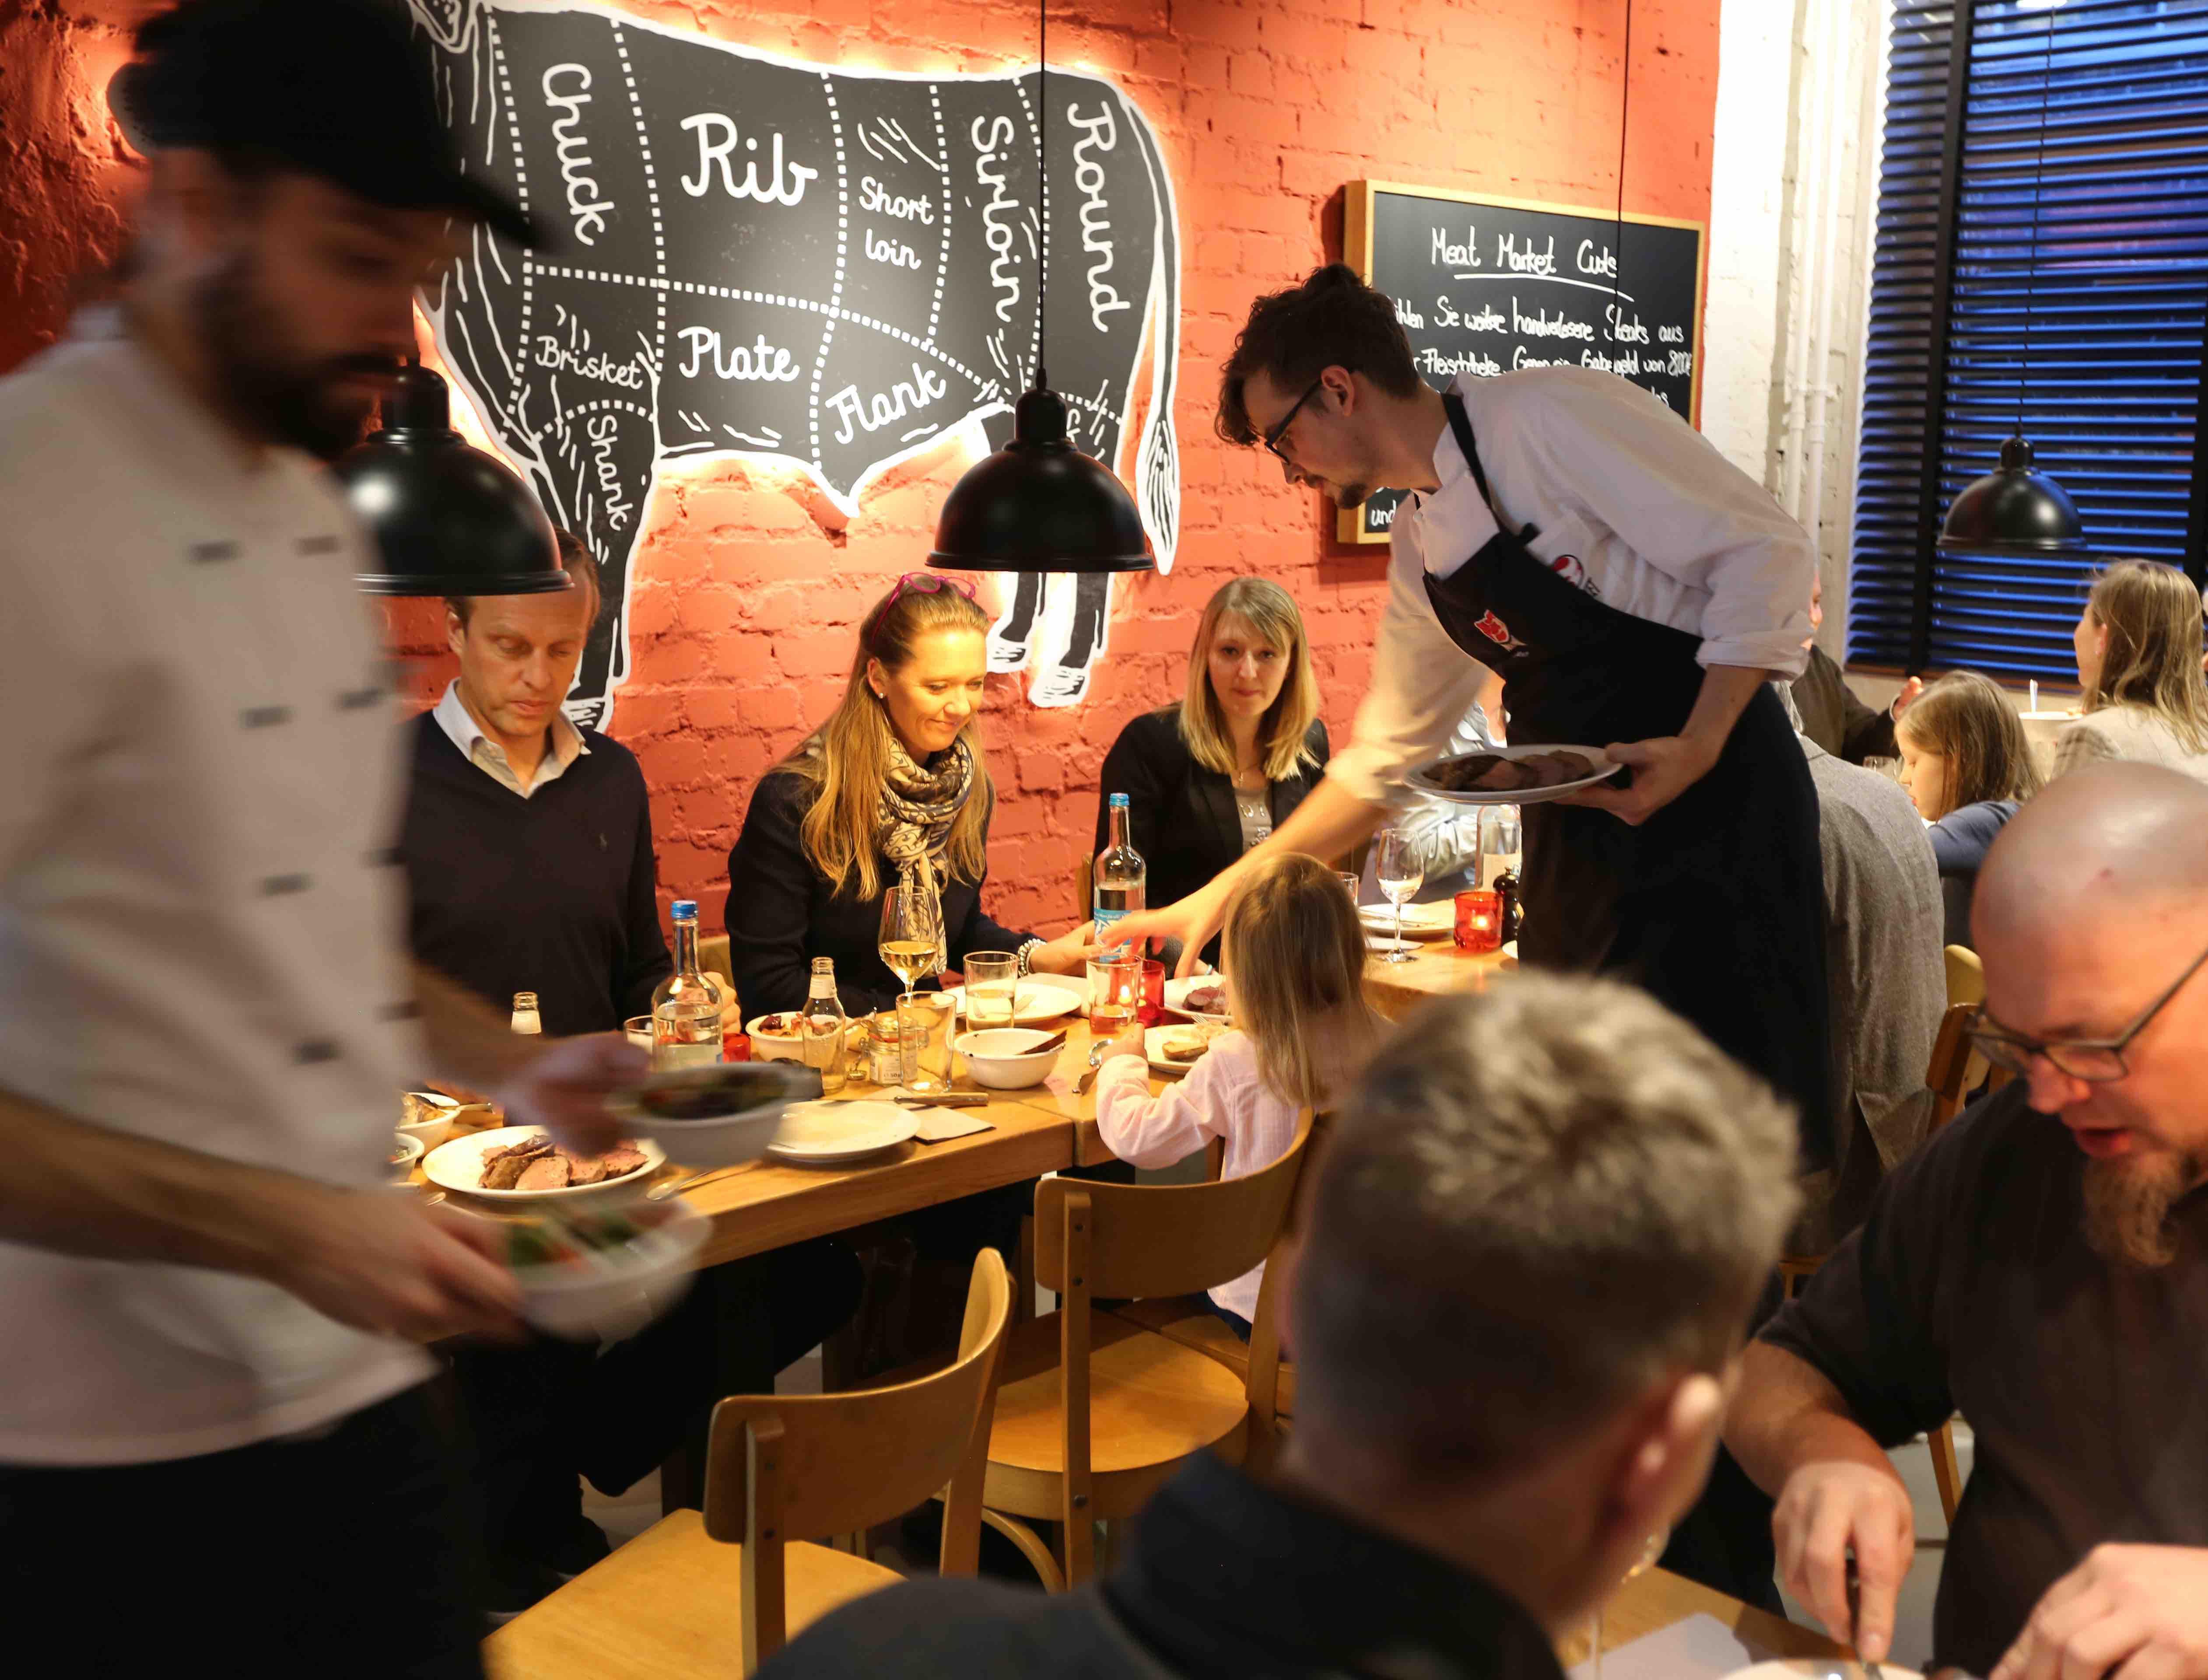 Es wird angegrillt: Beim Butcher's Night Special gibts besondere Leckereien vom Grill!